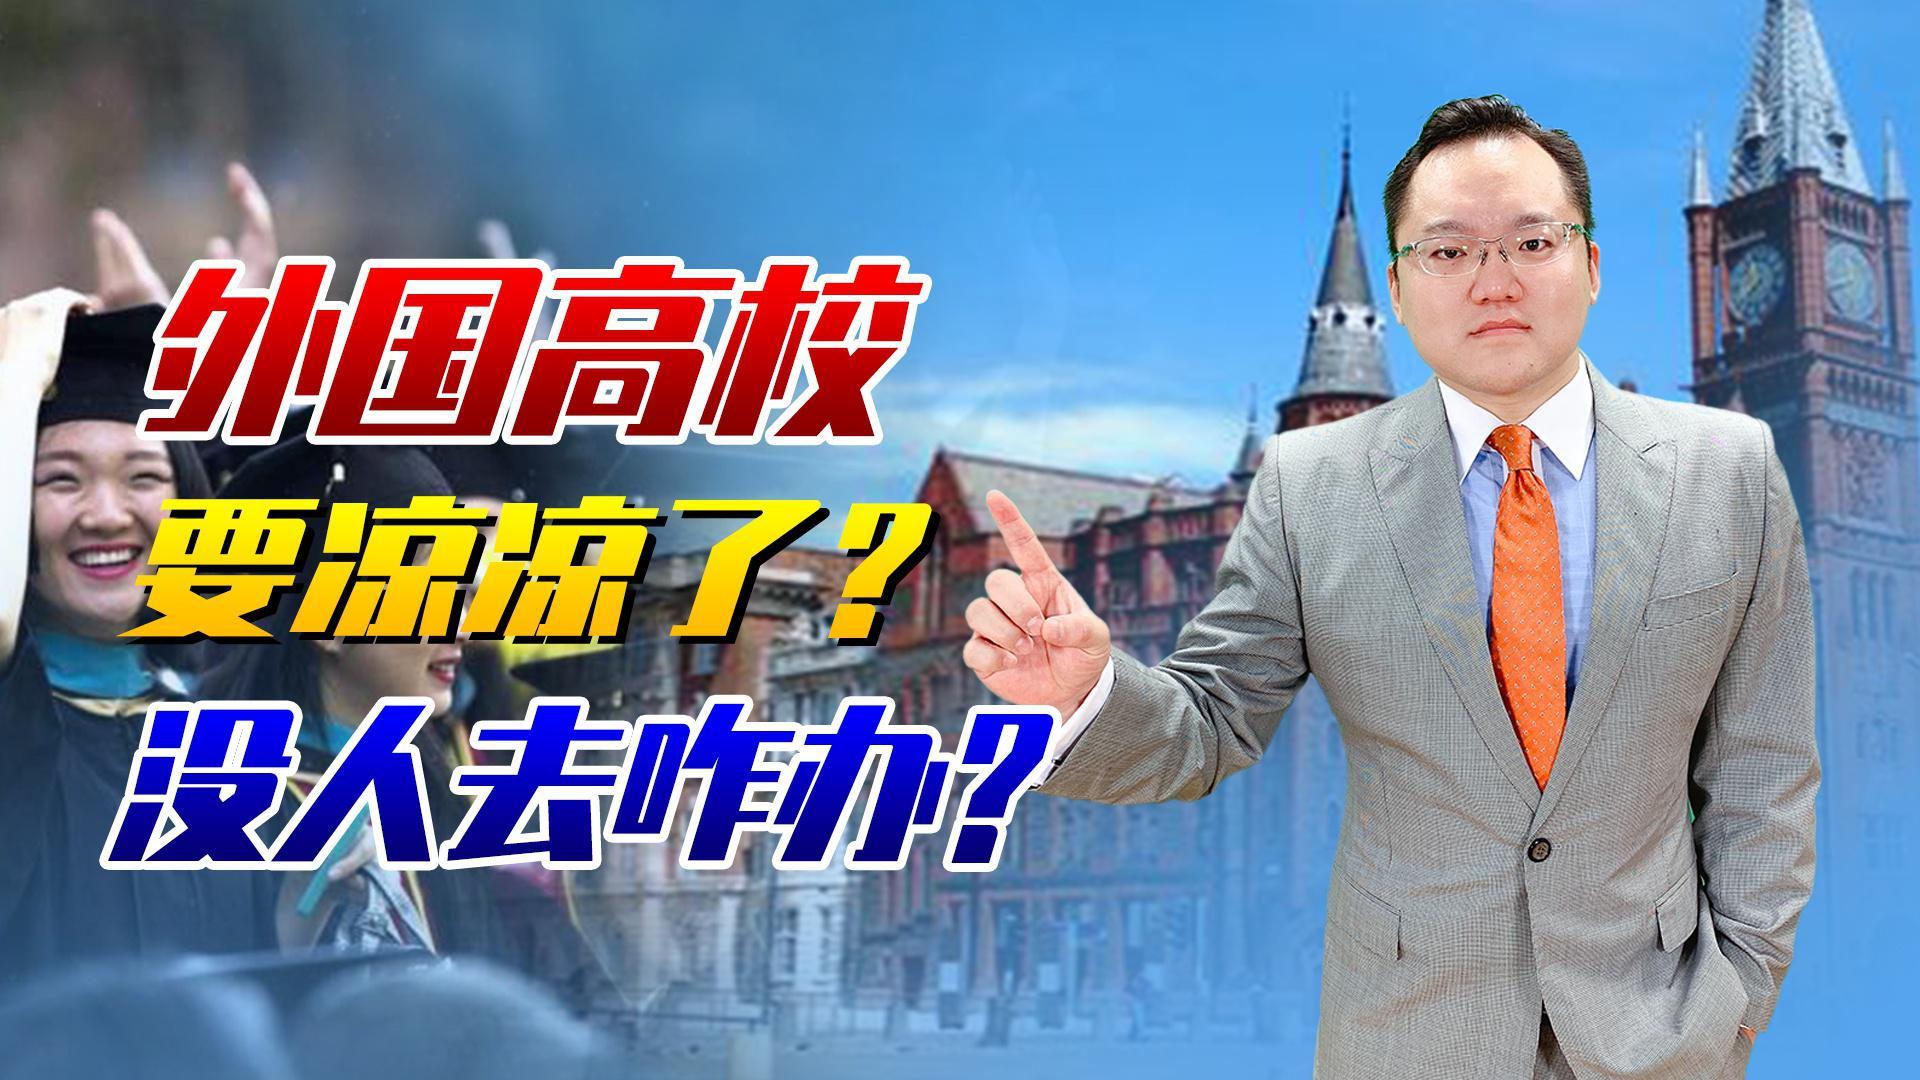 海外疫情冲击留学市场!外国高校坐不住了,想尽办法吸引中国学生